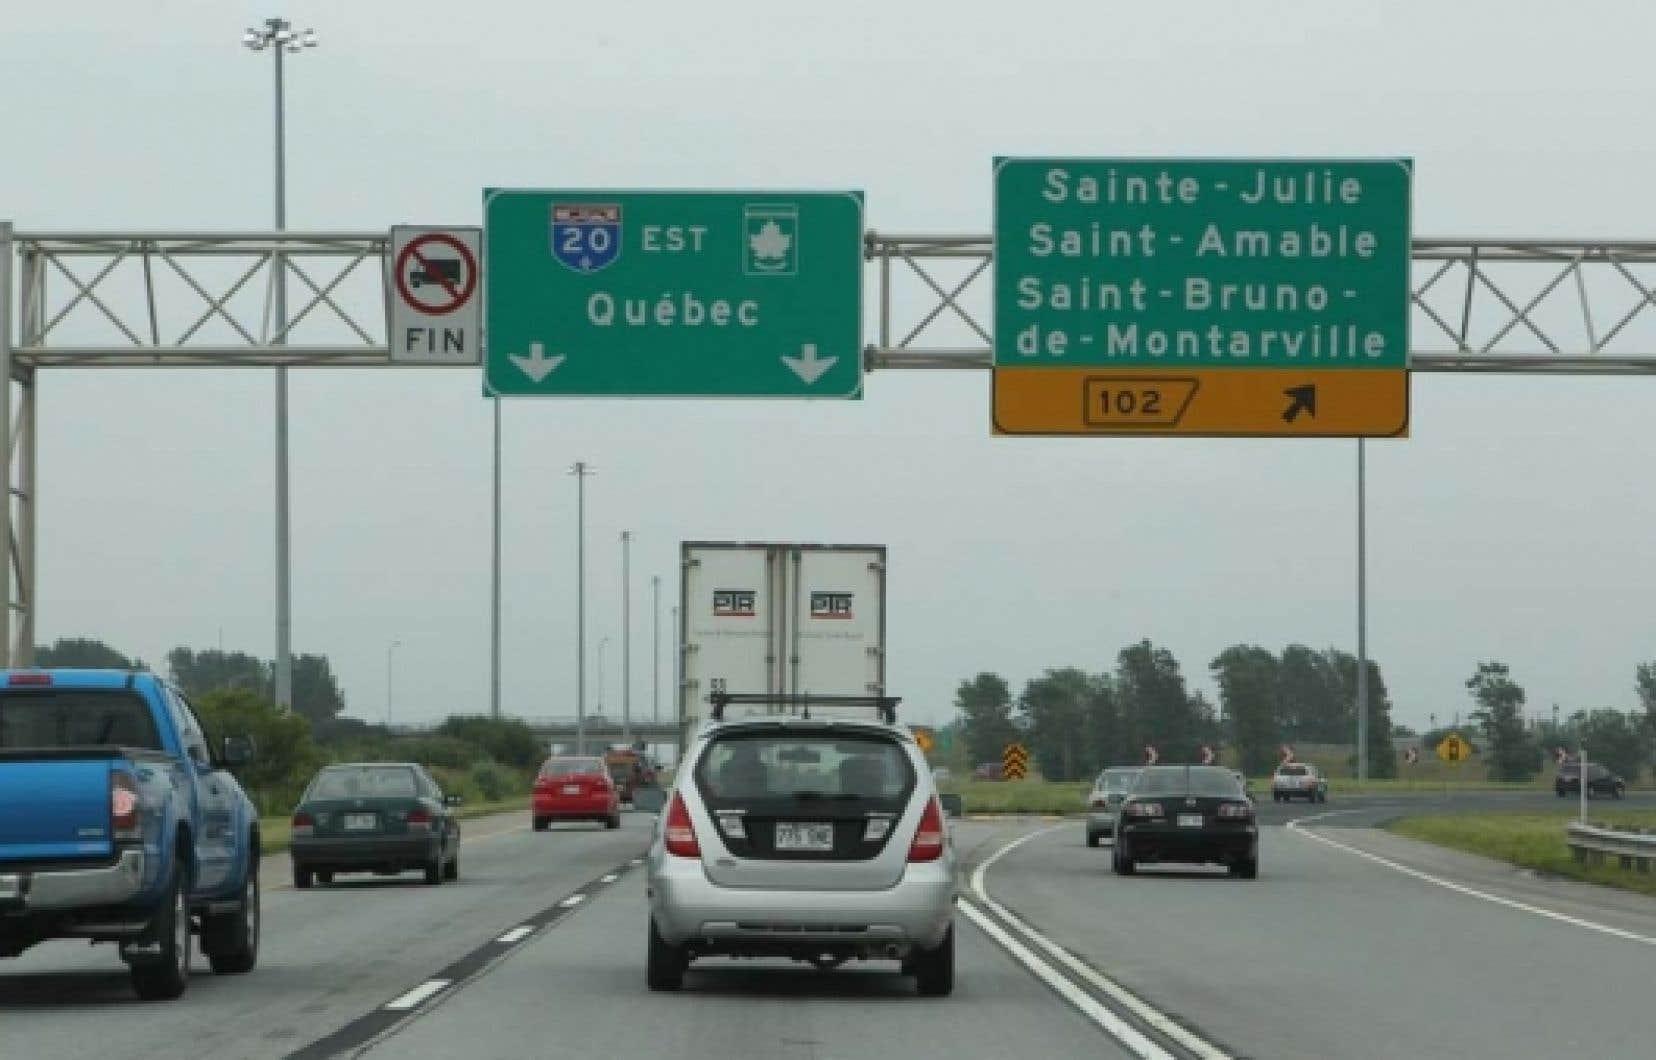 Le MTQ a voulu minimiser aujourd'hui la facture totale de l'opération de remplacement des panneaux routiers. <br />